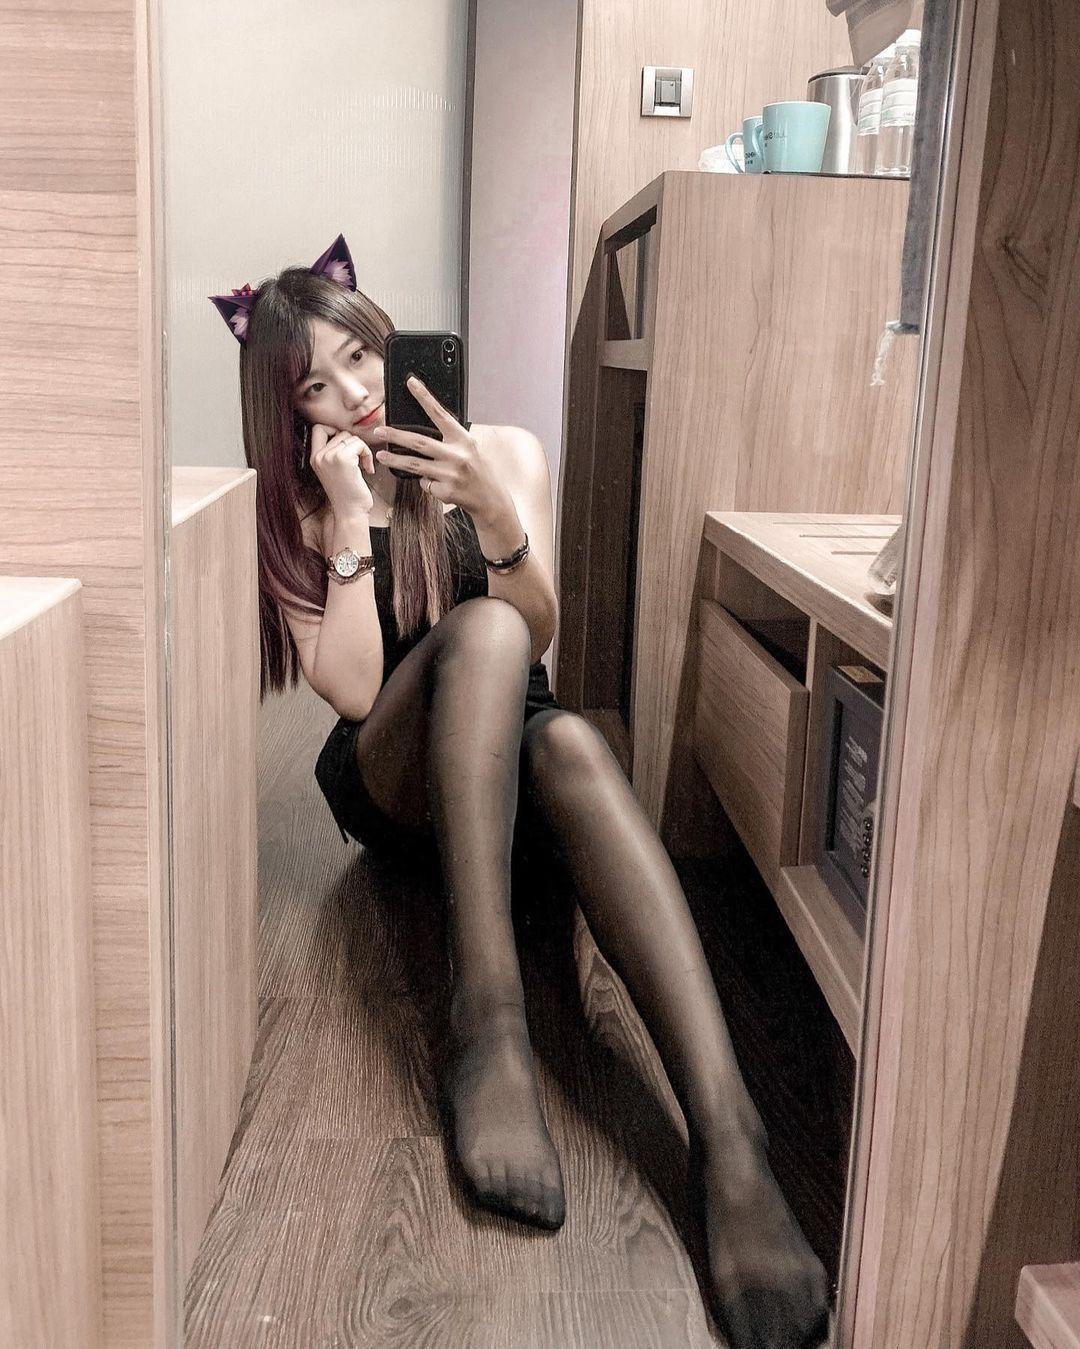 美女设计师@Chen臻儿 黑丝长腿上下都有料 宅男先生 热图4